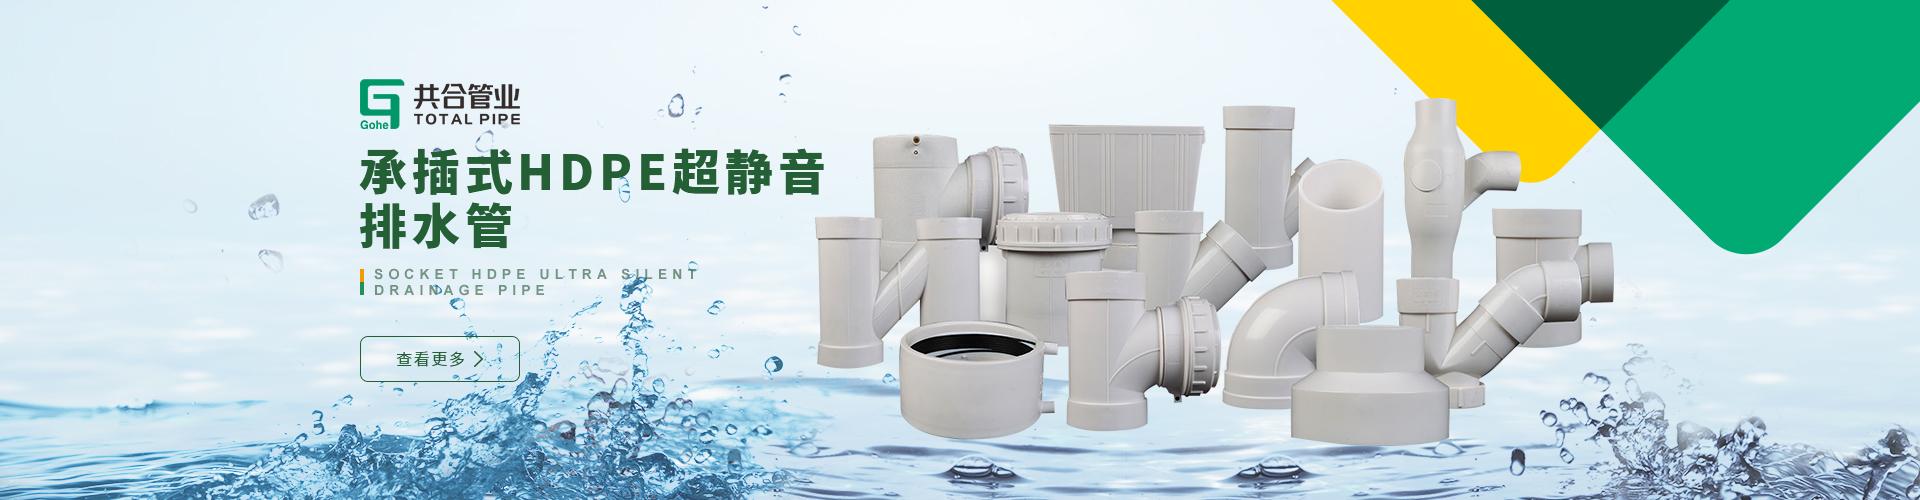 承插式HDPE超静音排水管